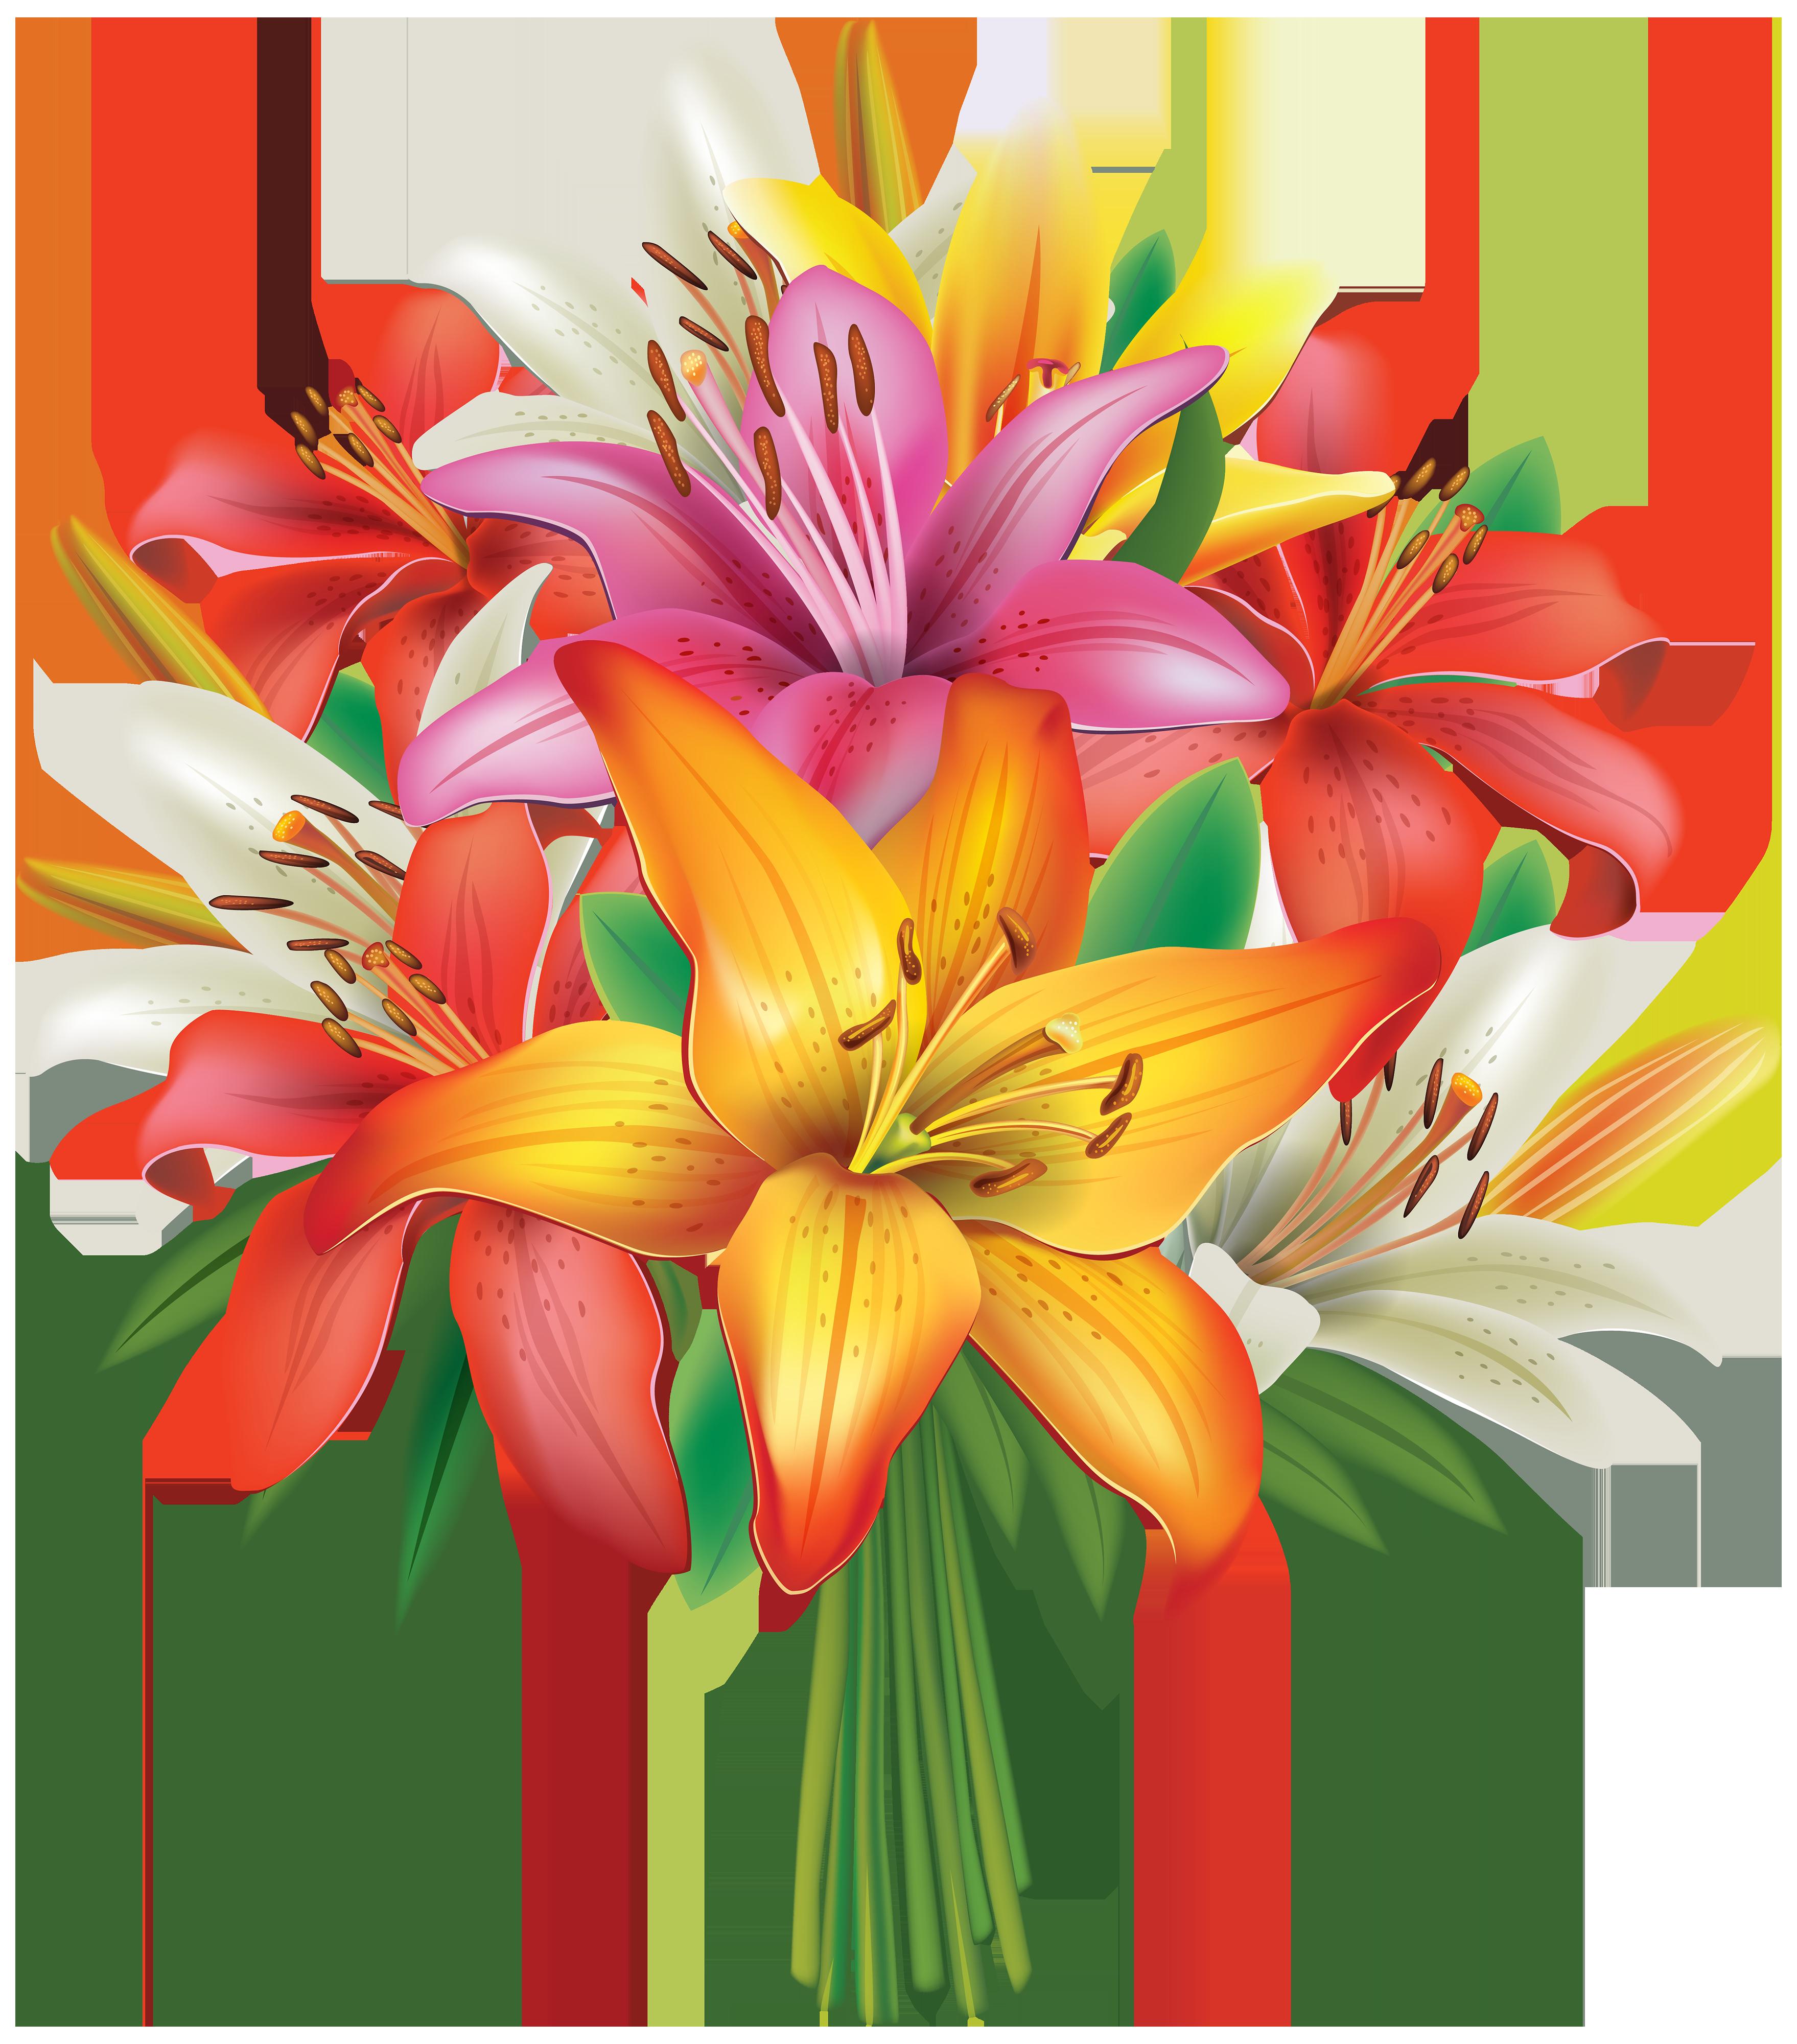 Flower Bunch Clipart - Flower PNG Jpg